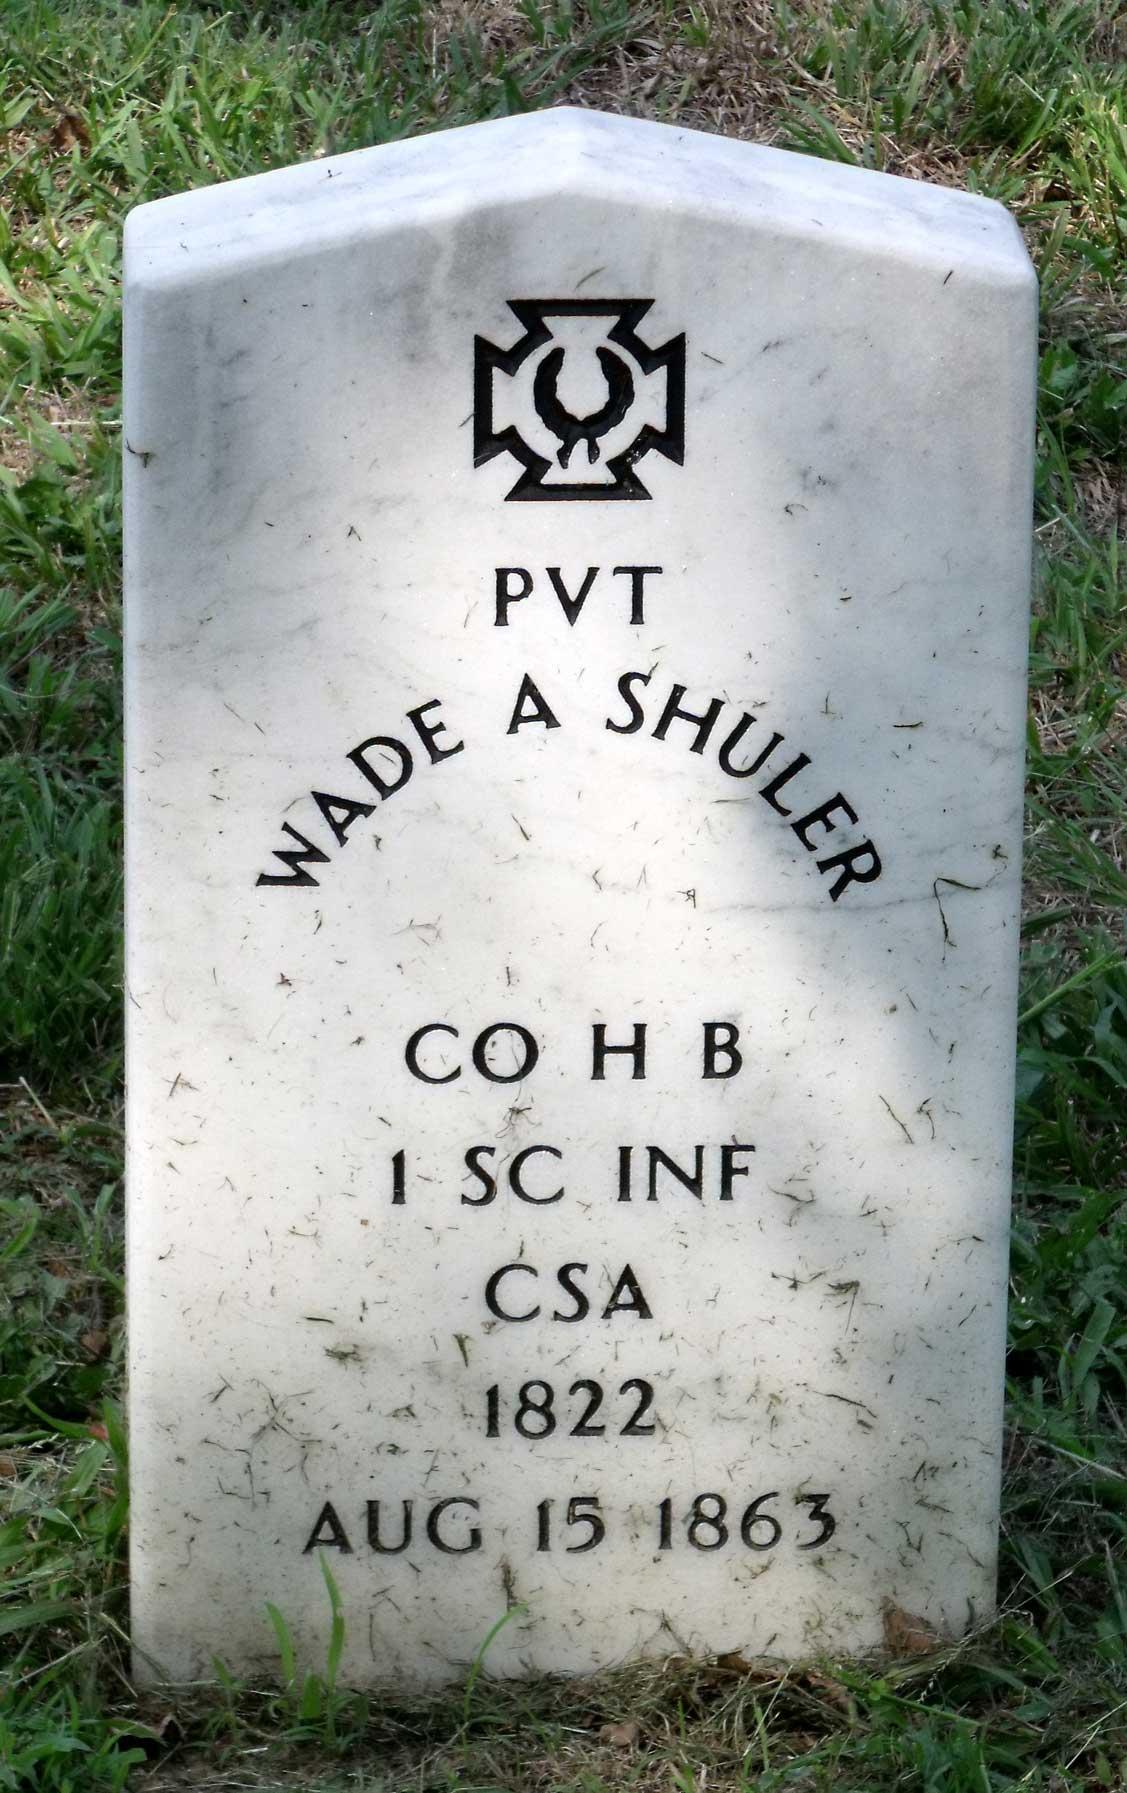 James Johnst Shuler